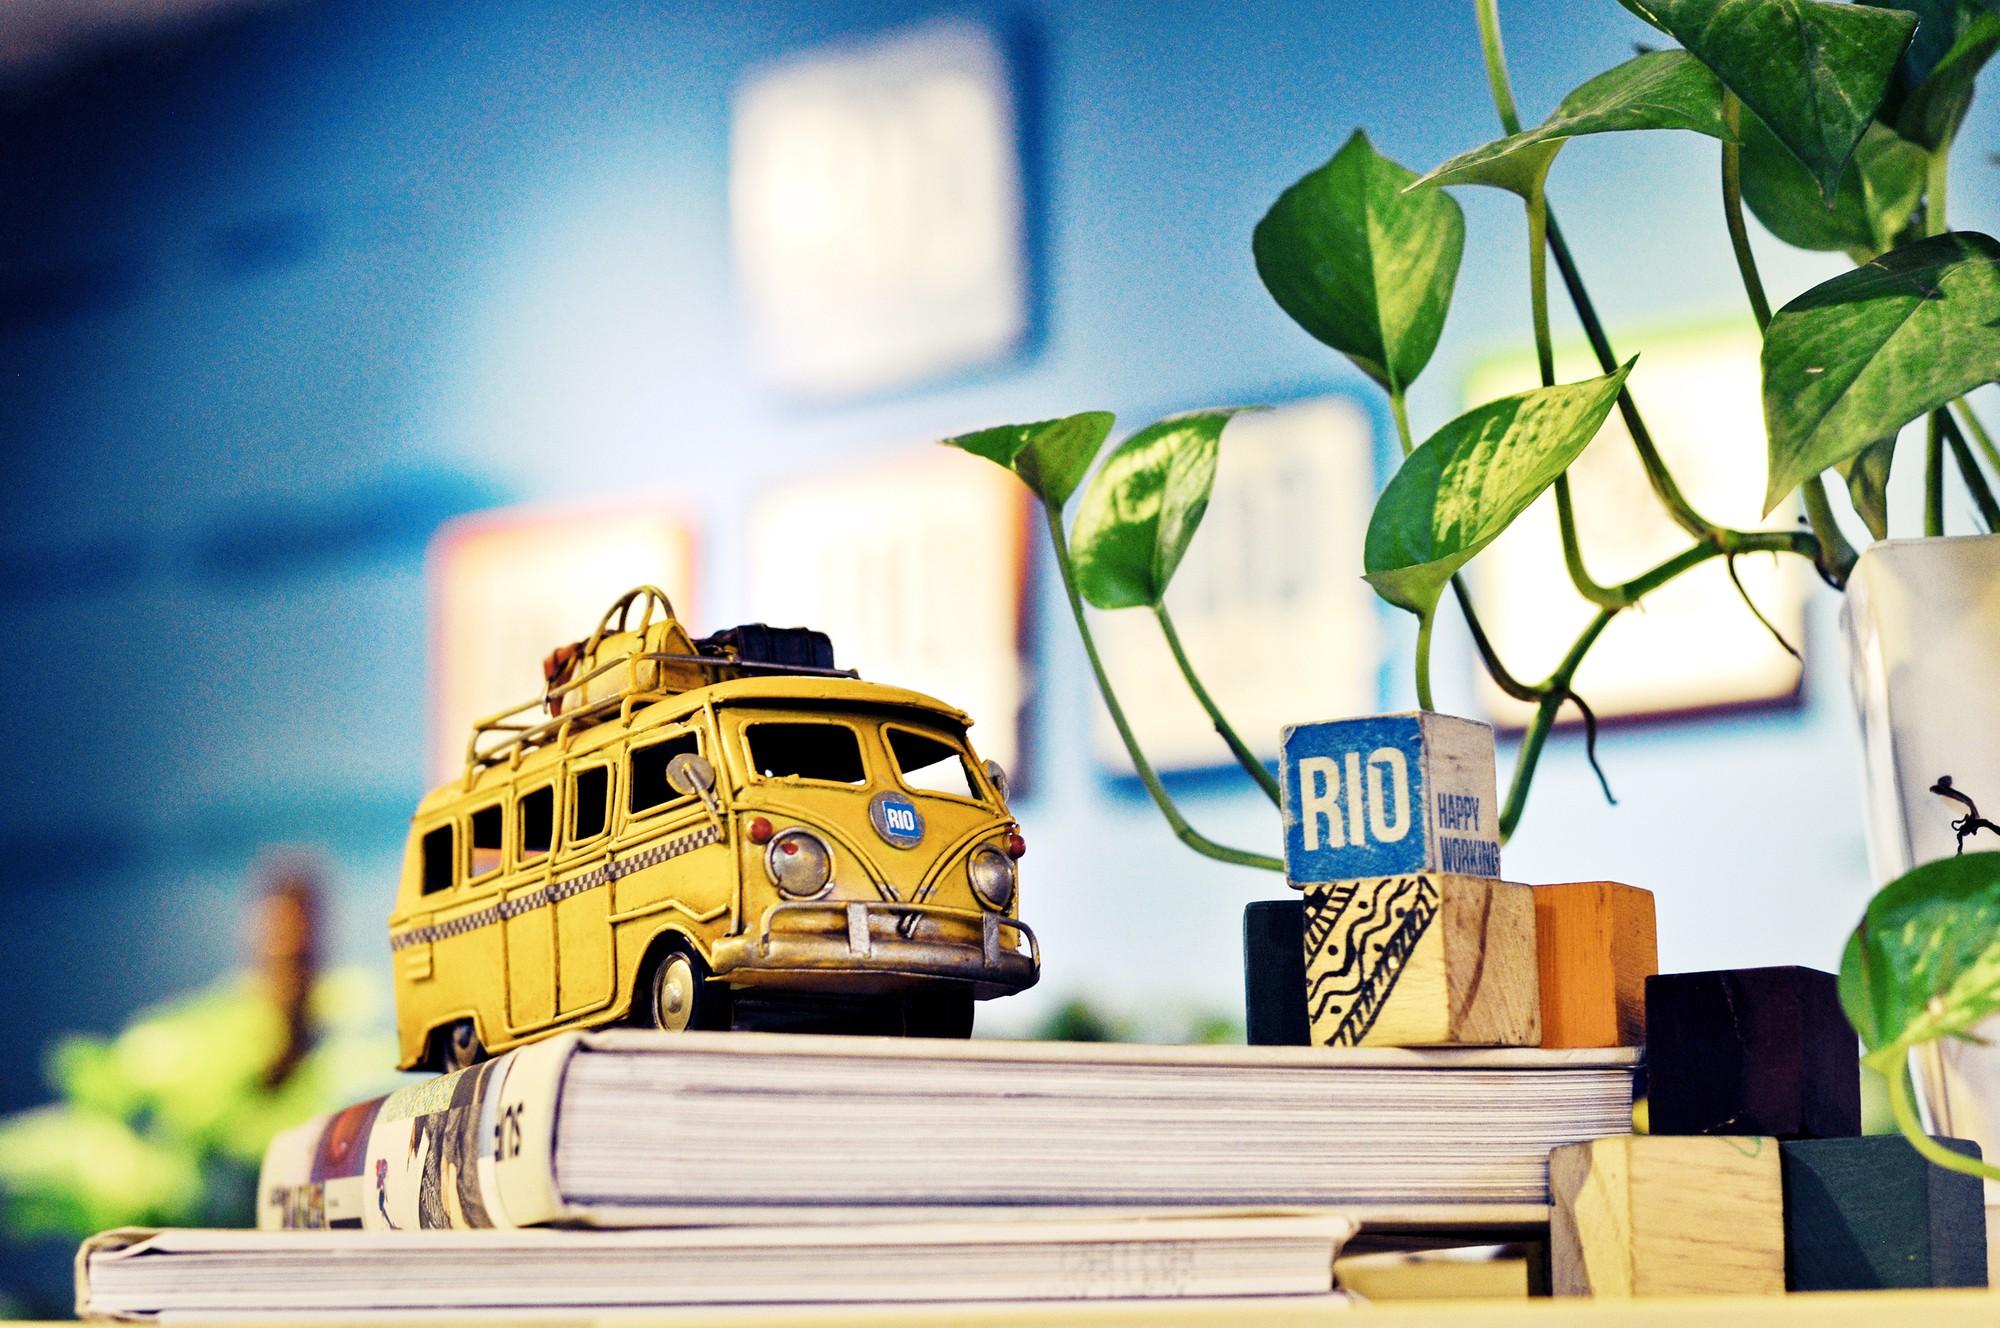 Tùng Juno và RIO Creative: Từ cậu học sinh bị bắt nạt đến thương hiệu tên tuổi ngành sáng tạo - Ảnh 6.